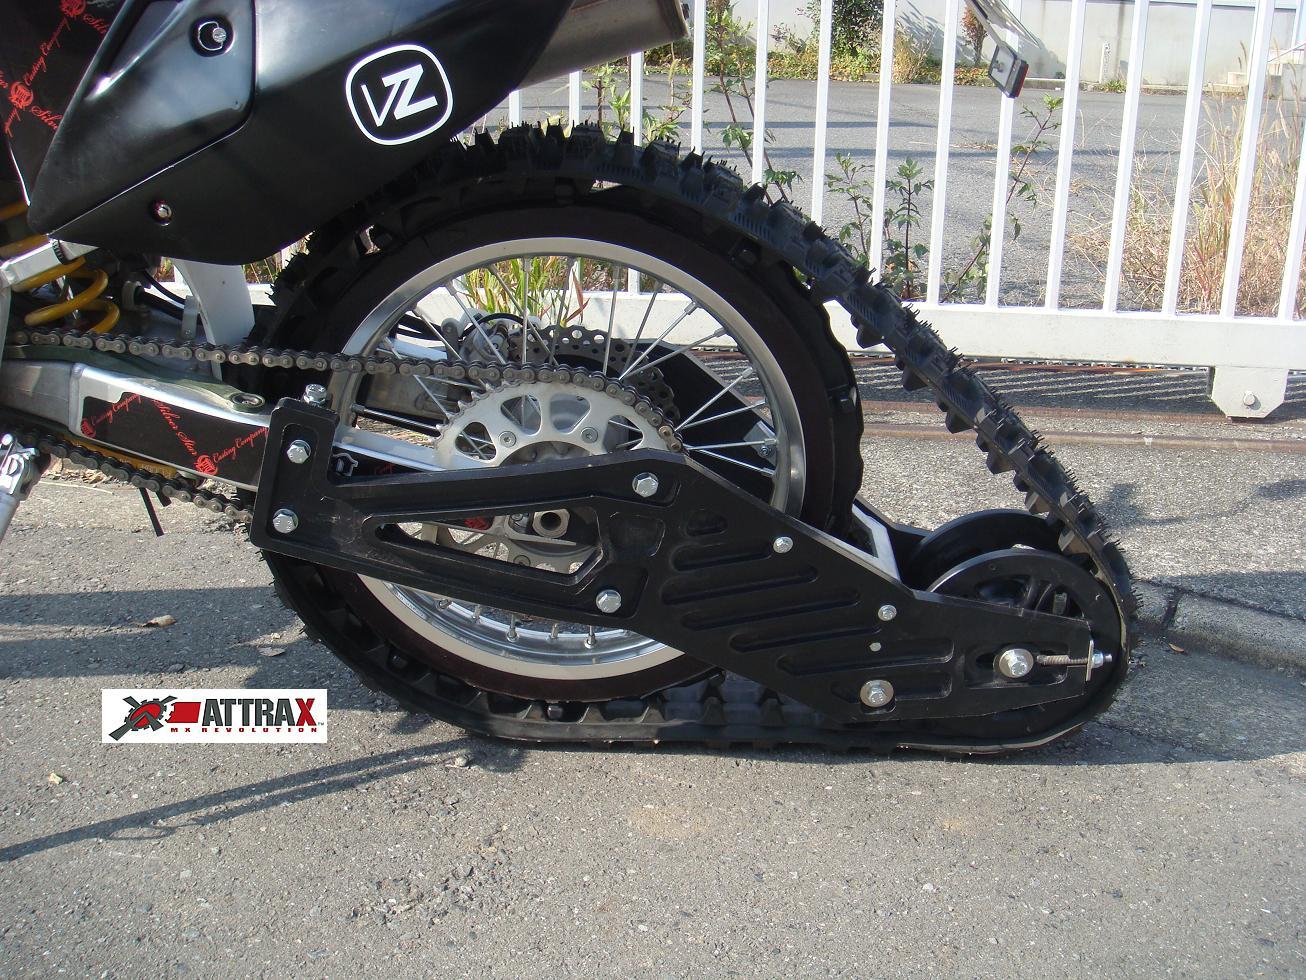 ATTRAX CRF450X3